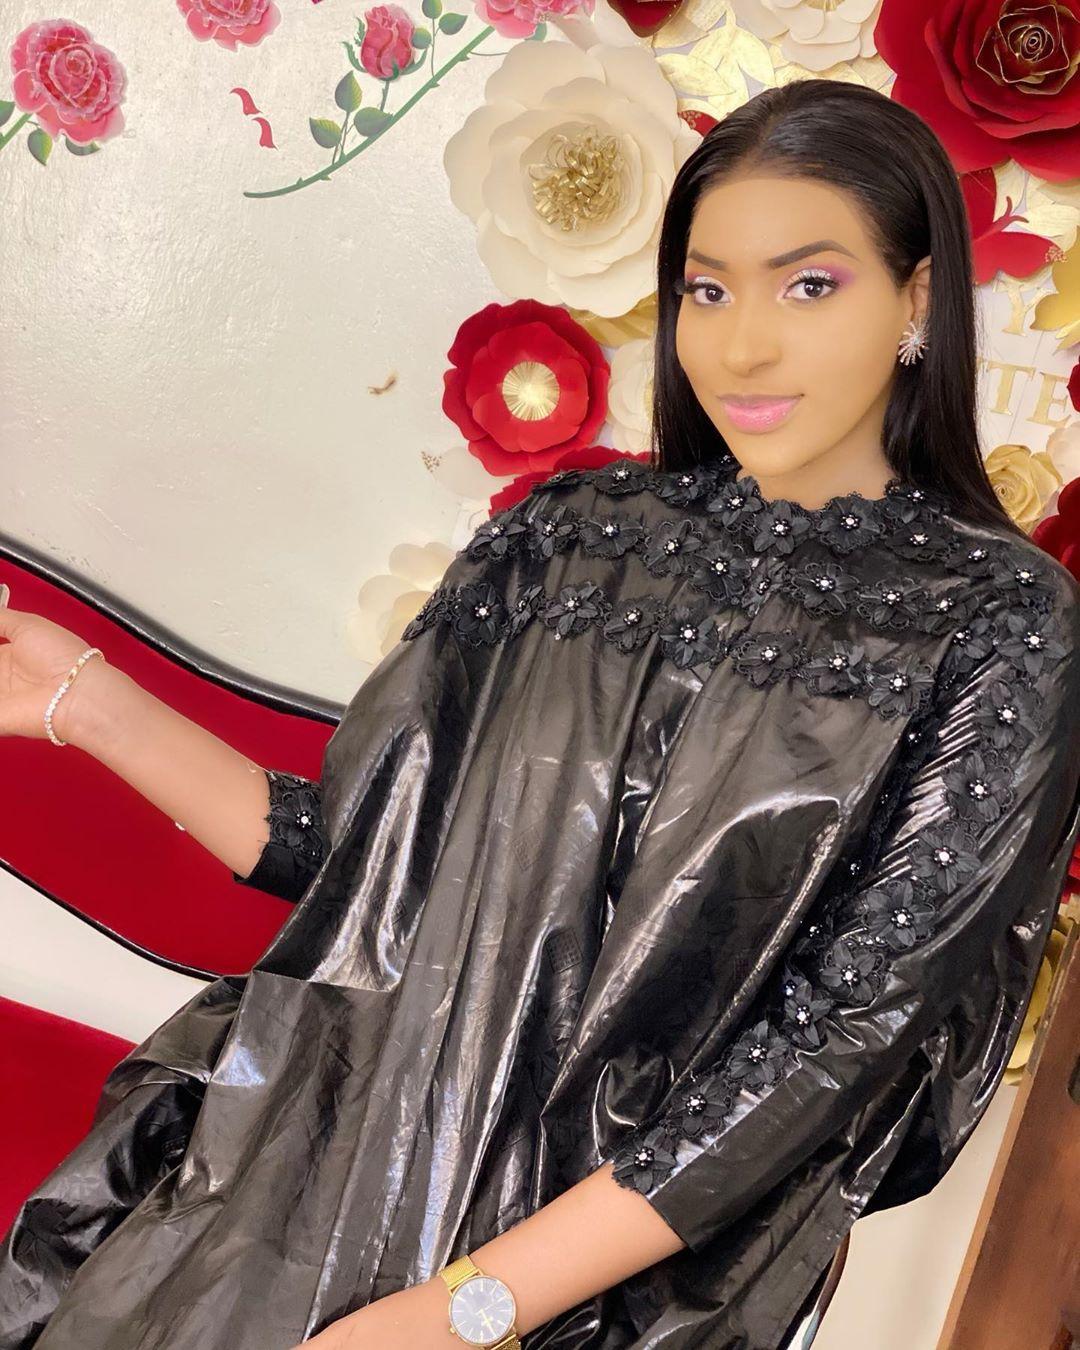 Oumy, l'actrice de la série « Golden », une beauté angélique